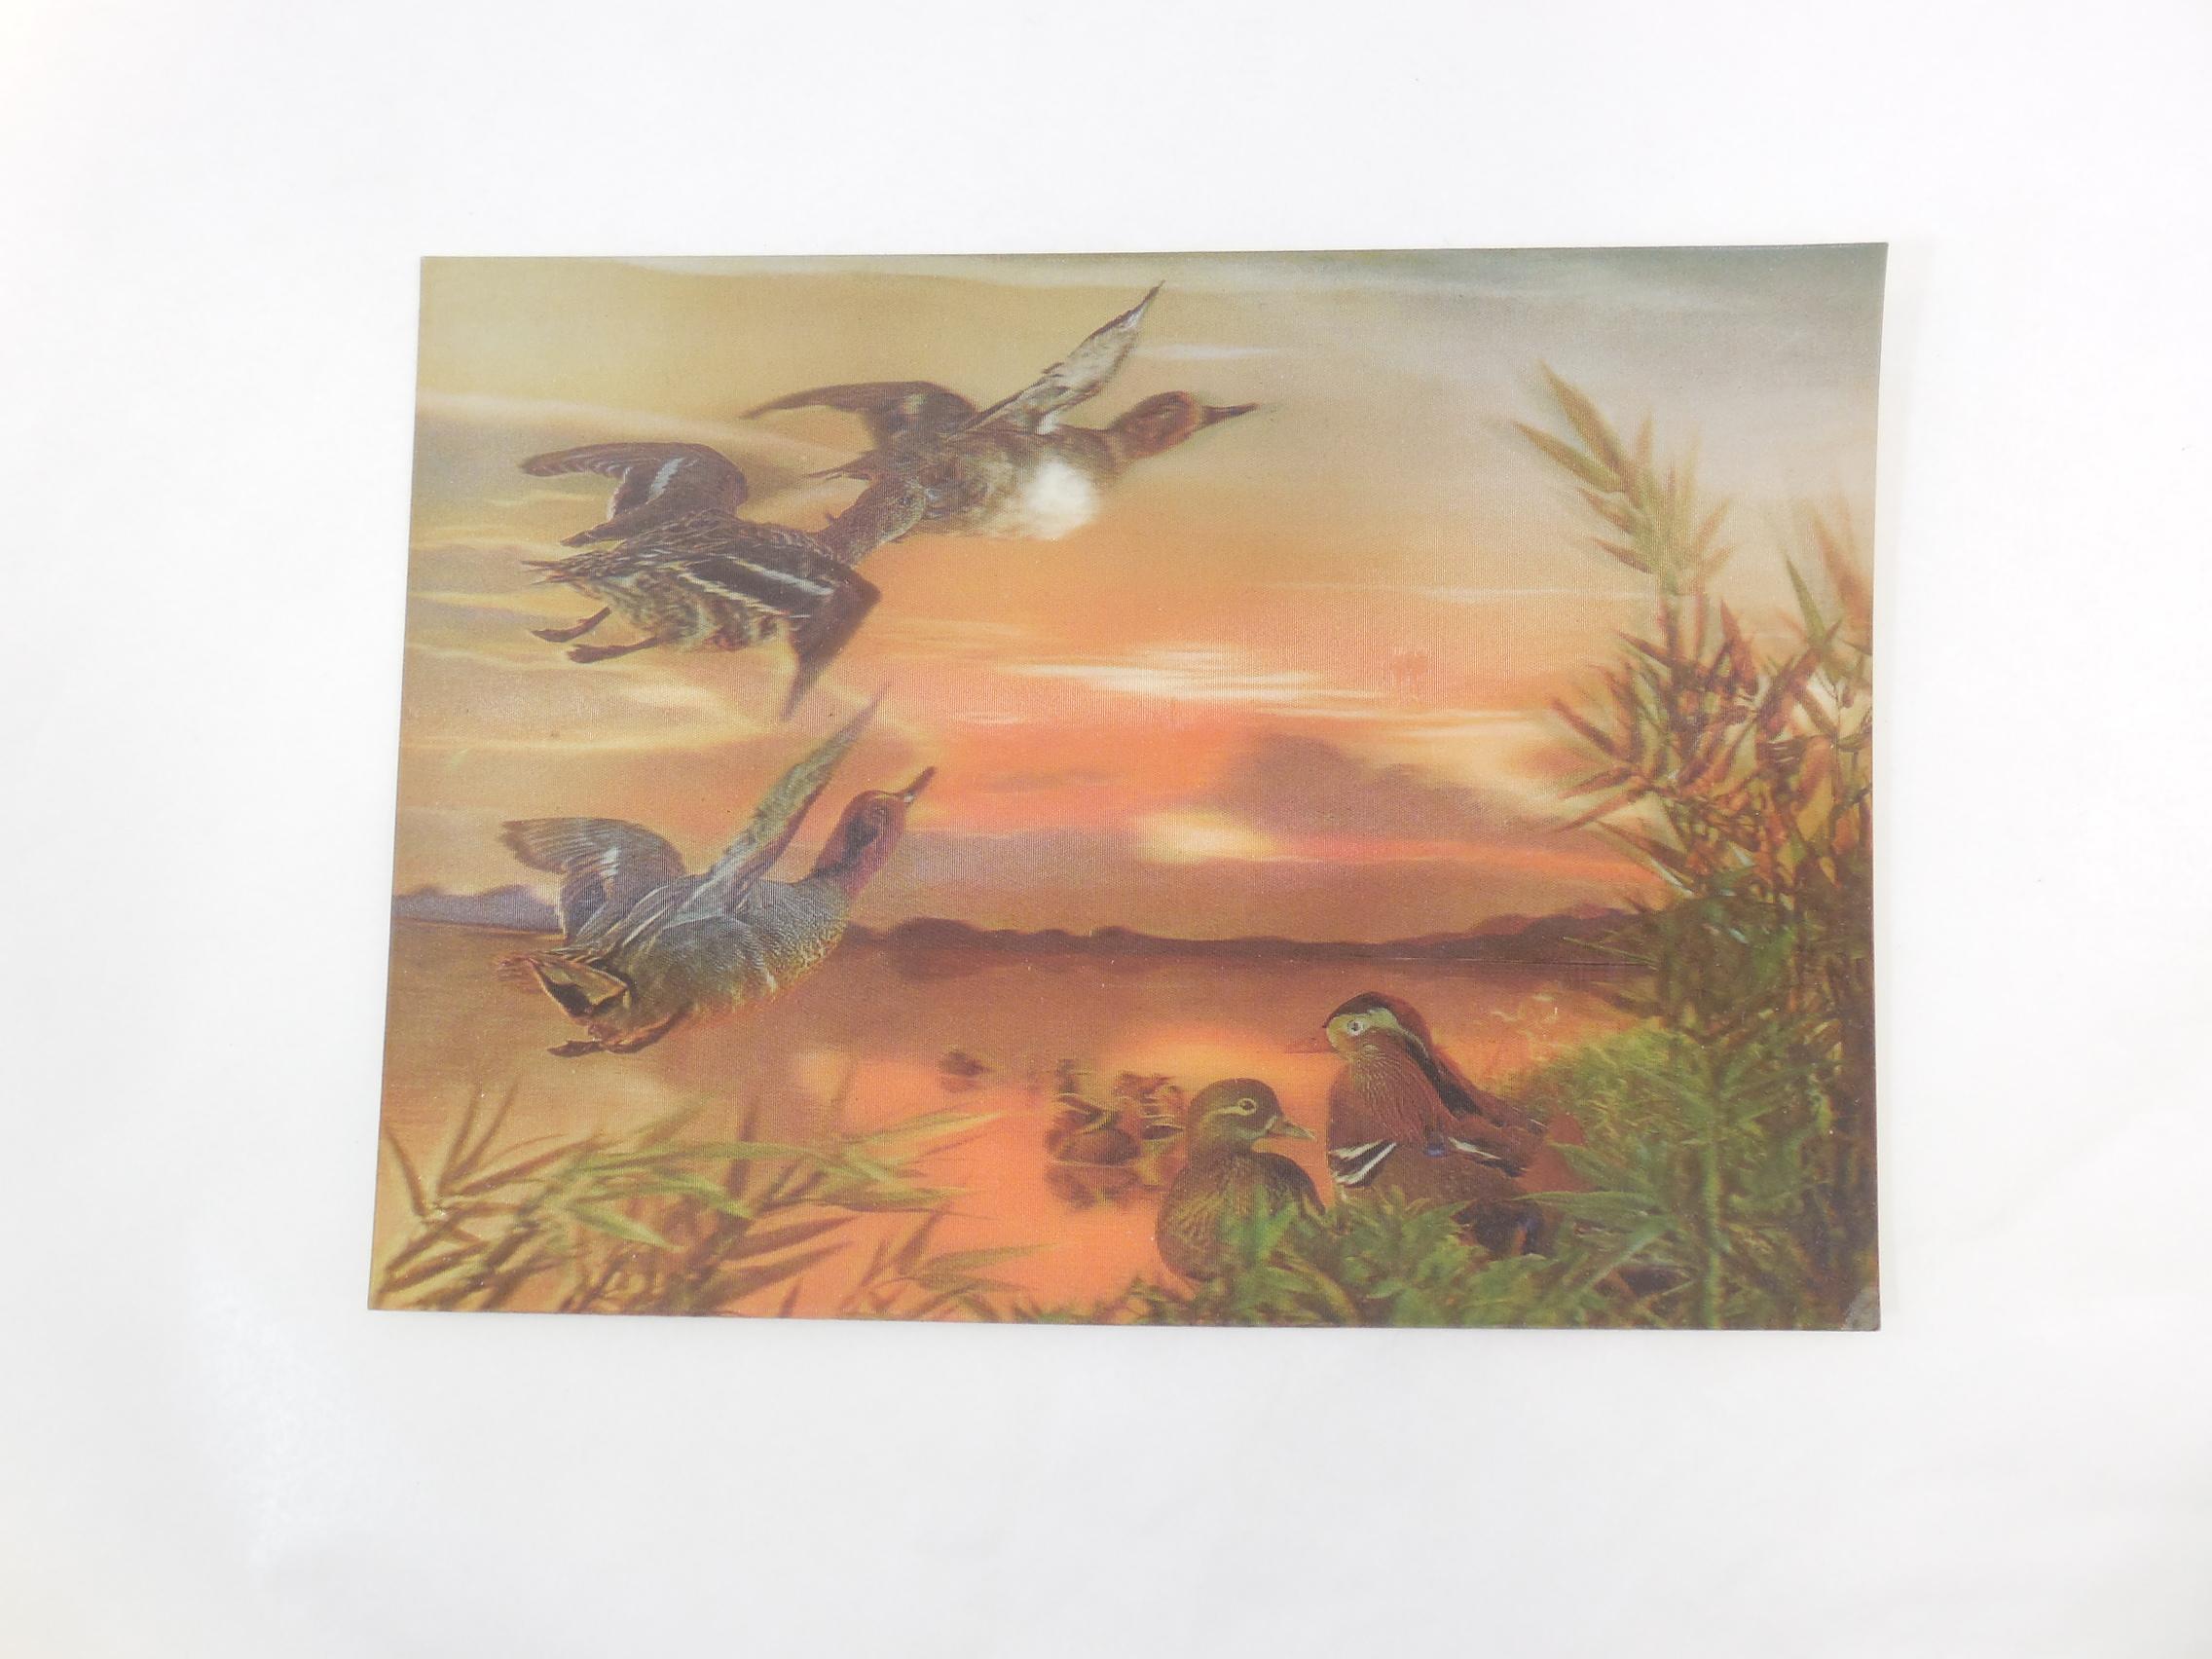 Стерео варио печать открытки 18